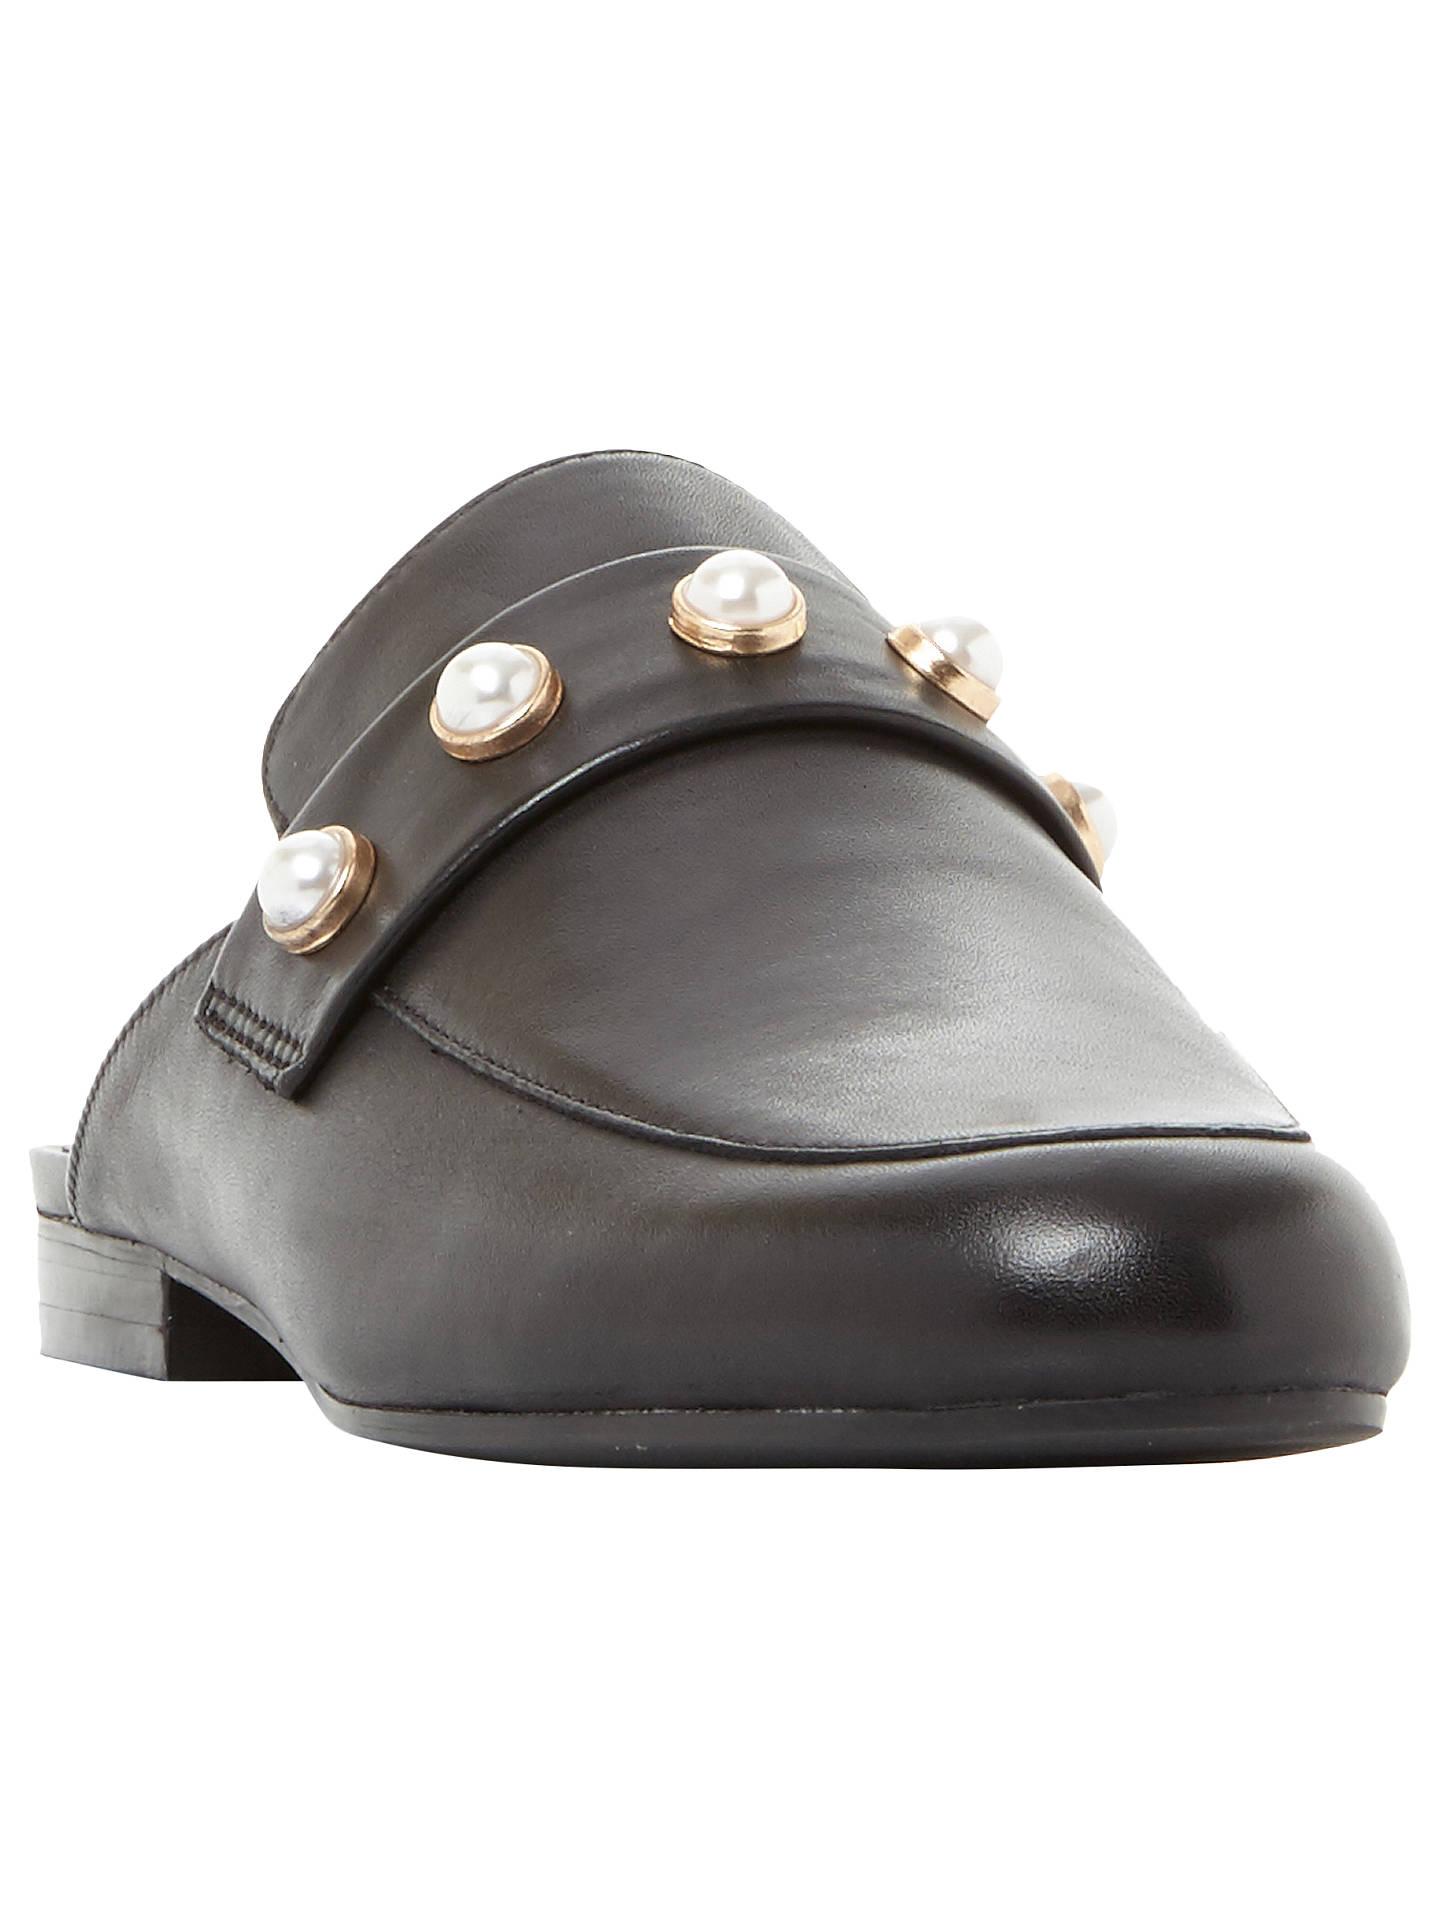 043434b488d Steve Madden Kandi-P Embellished Mule Loafers, Black at John Lewis ...